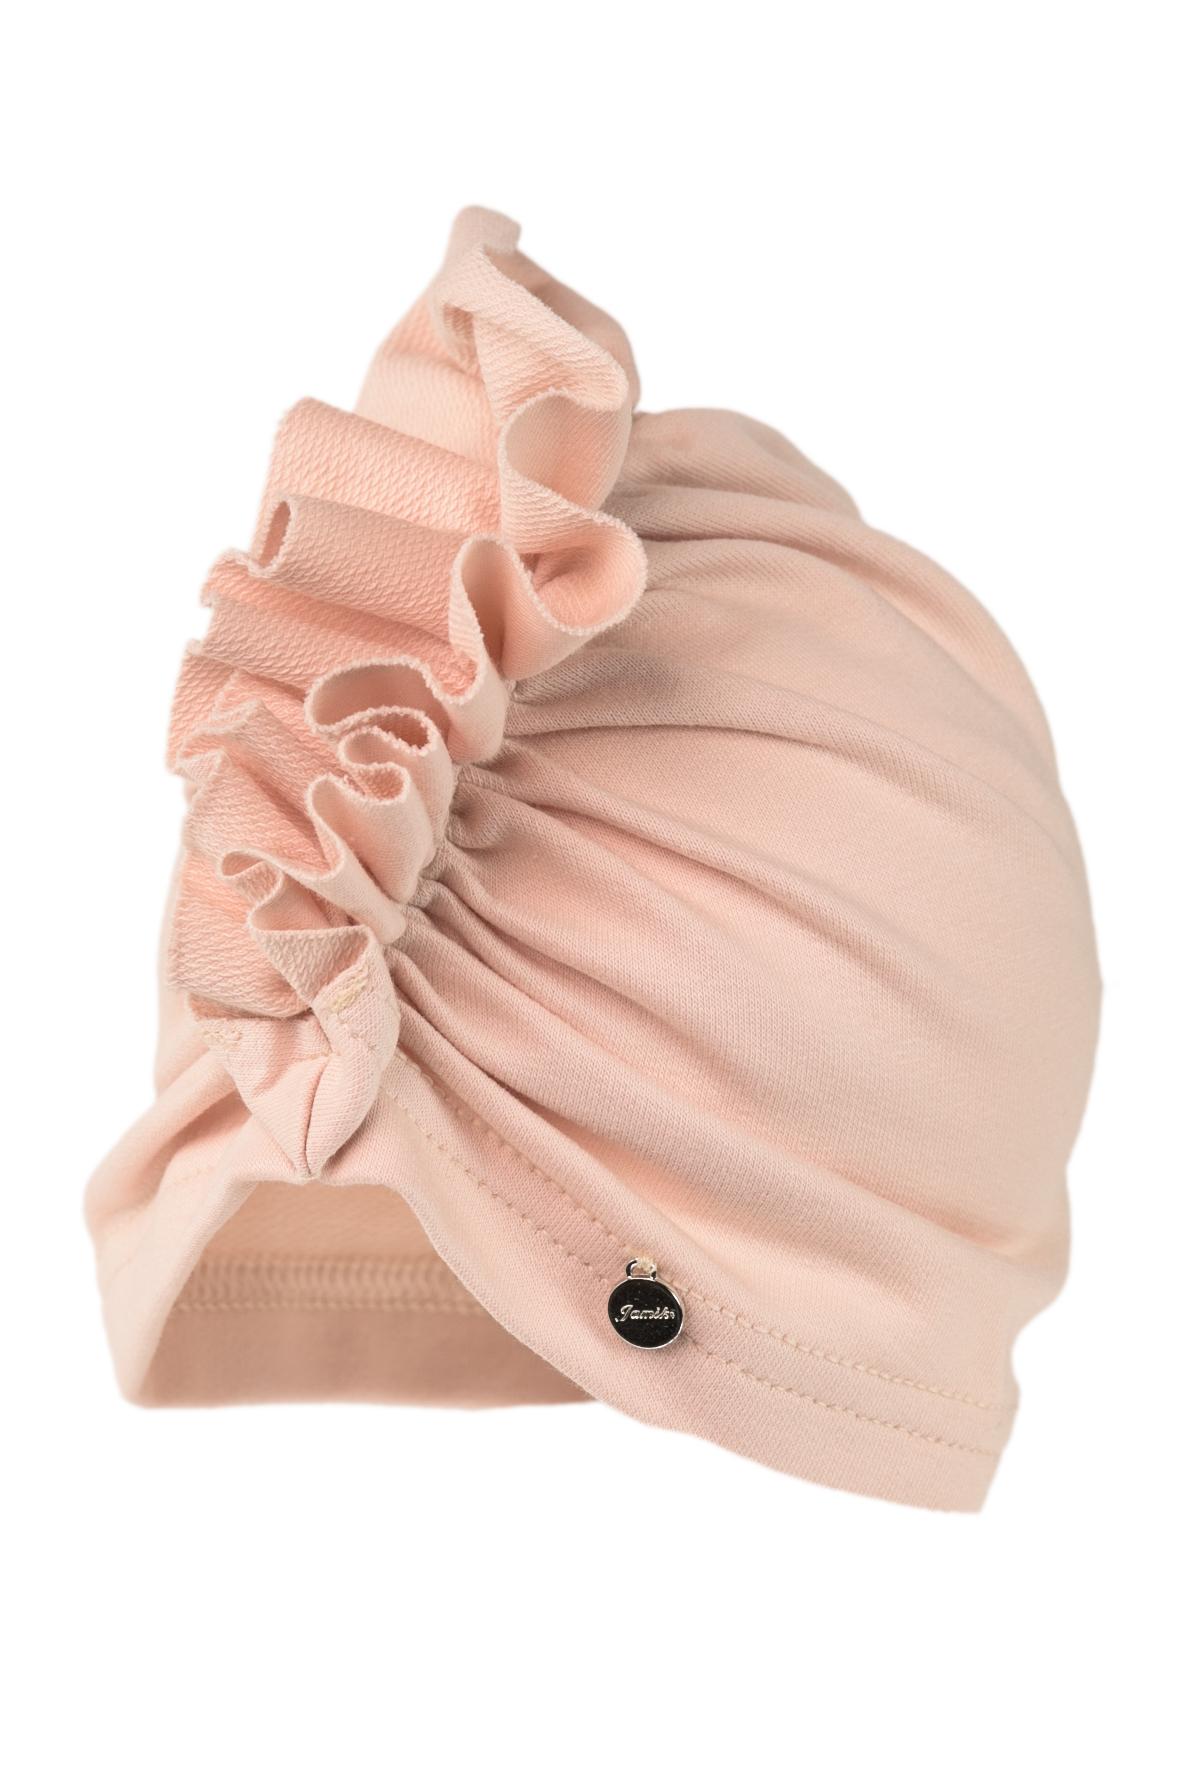 DORUDA turban 2